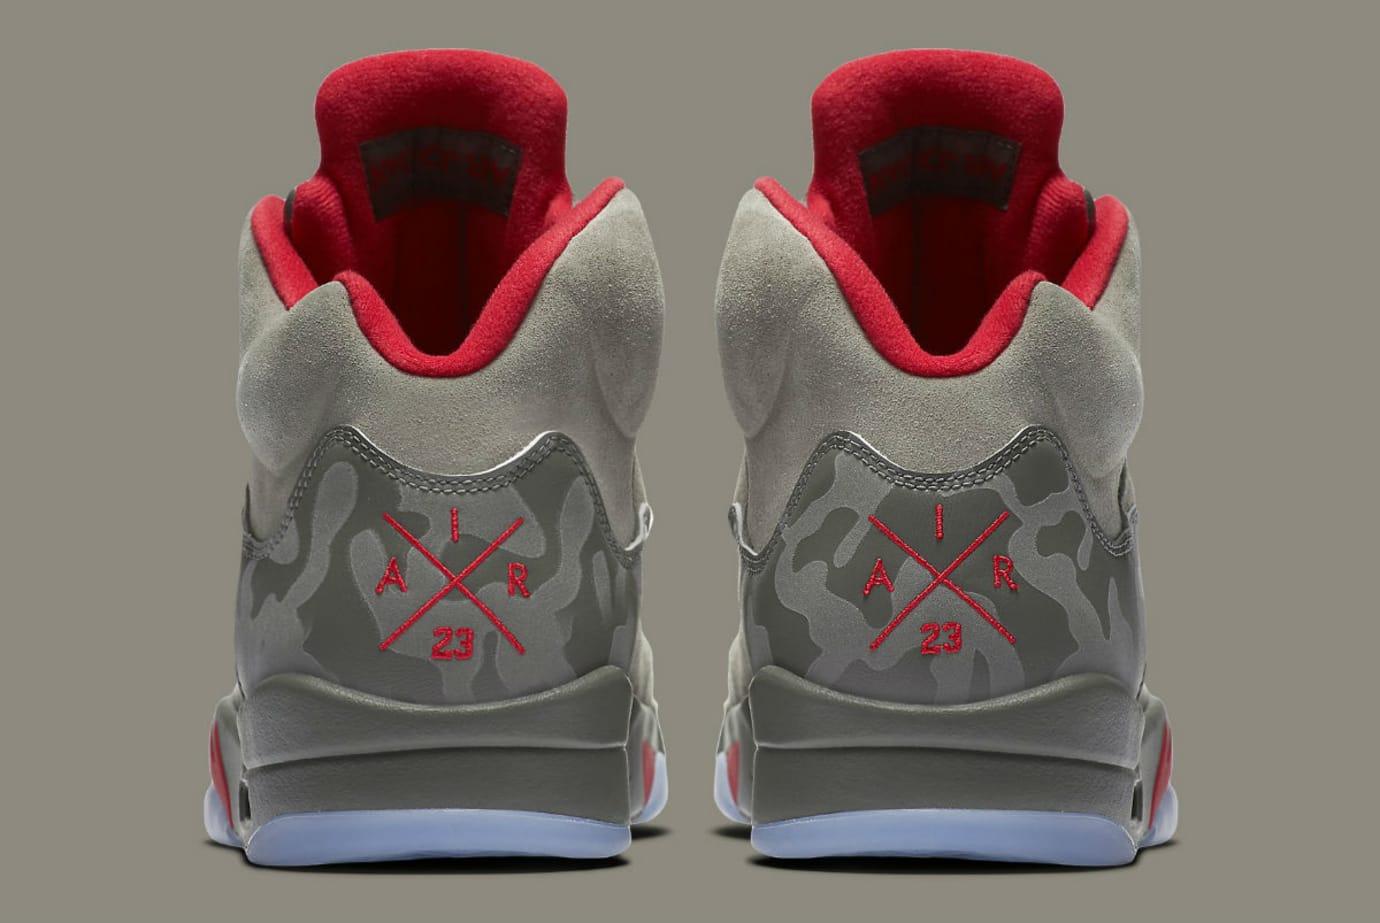 Air Jordan 5 Camo Release Date Heel 136027-051